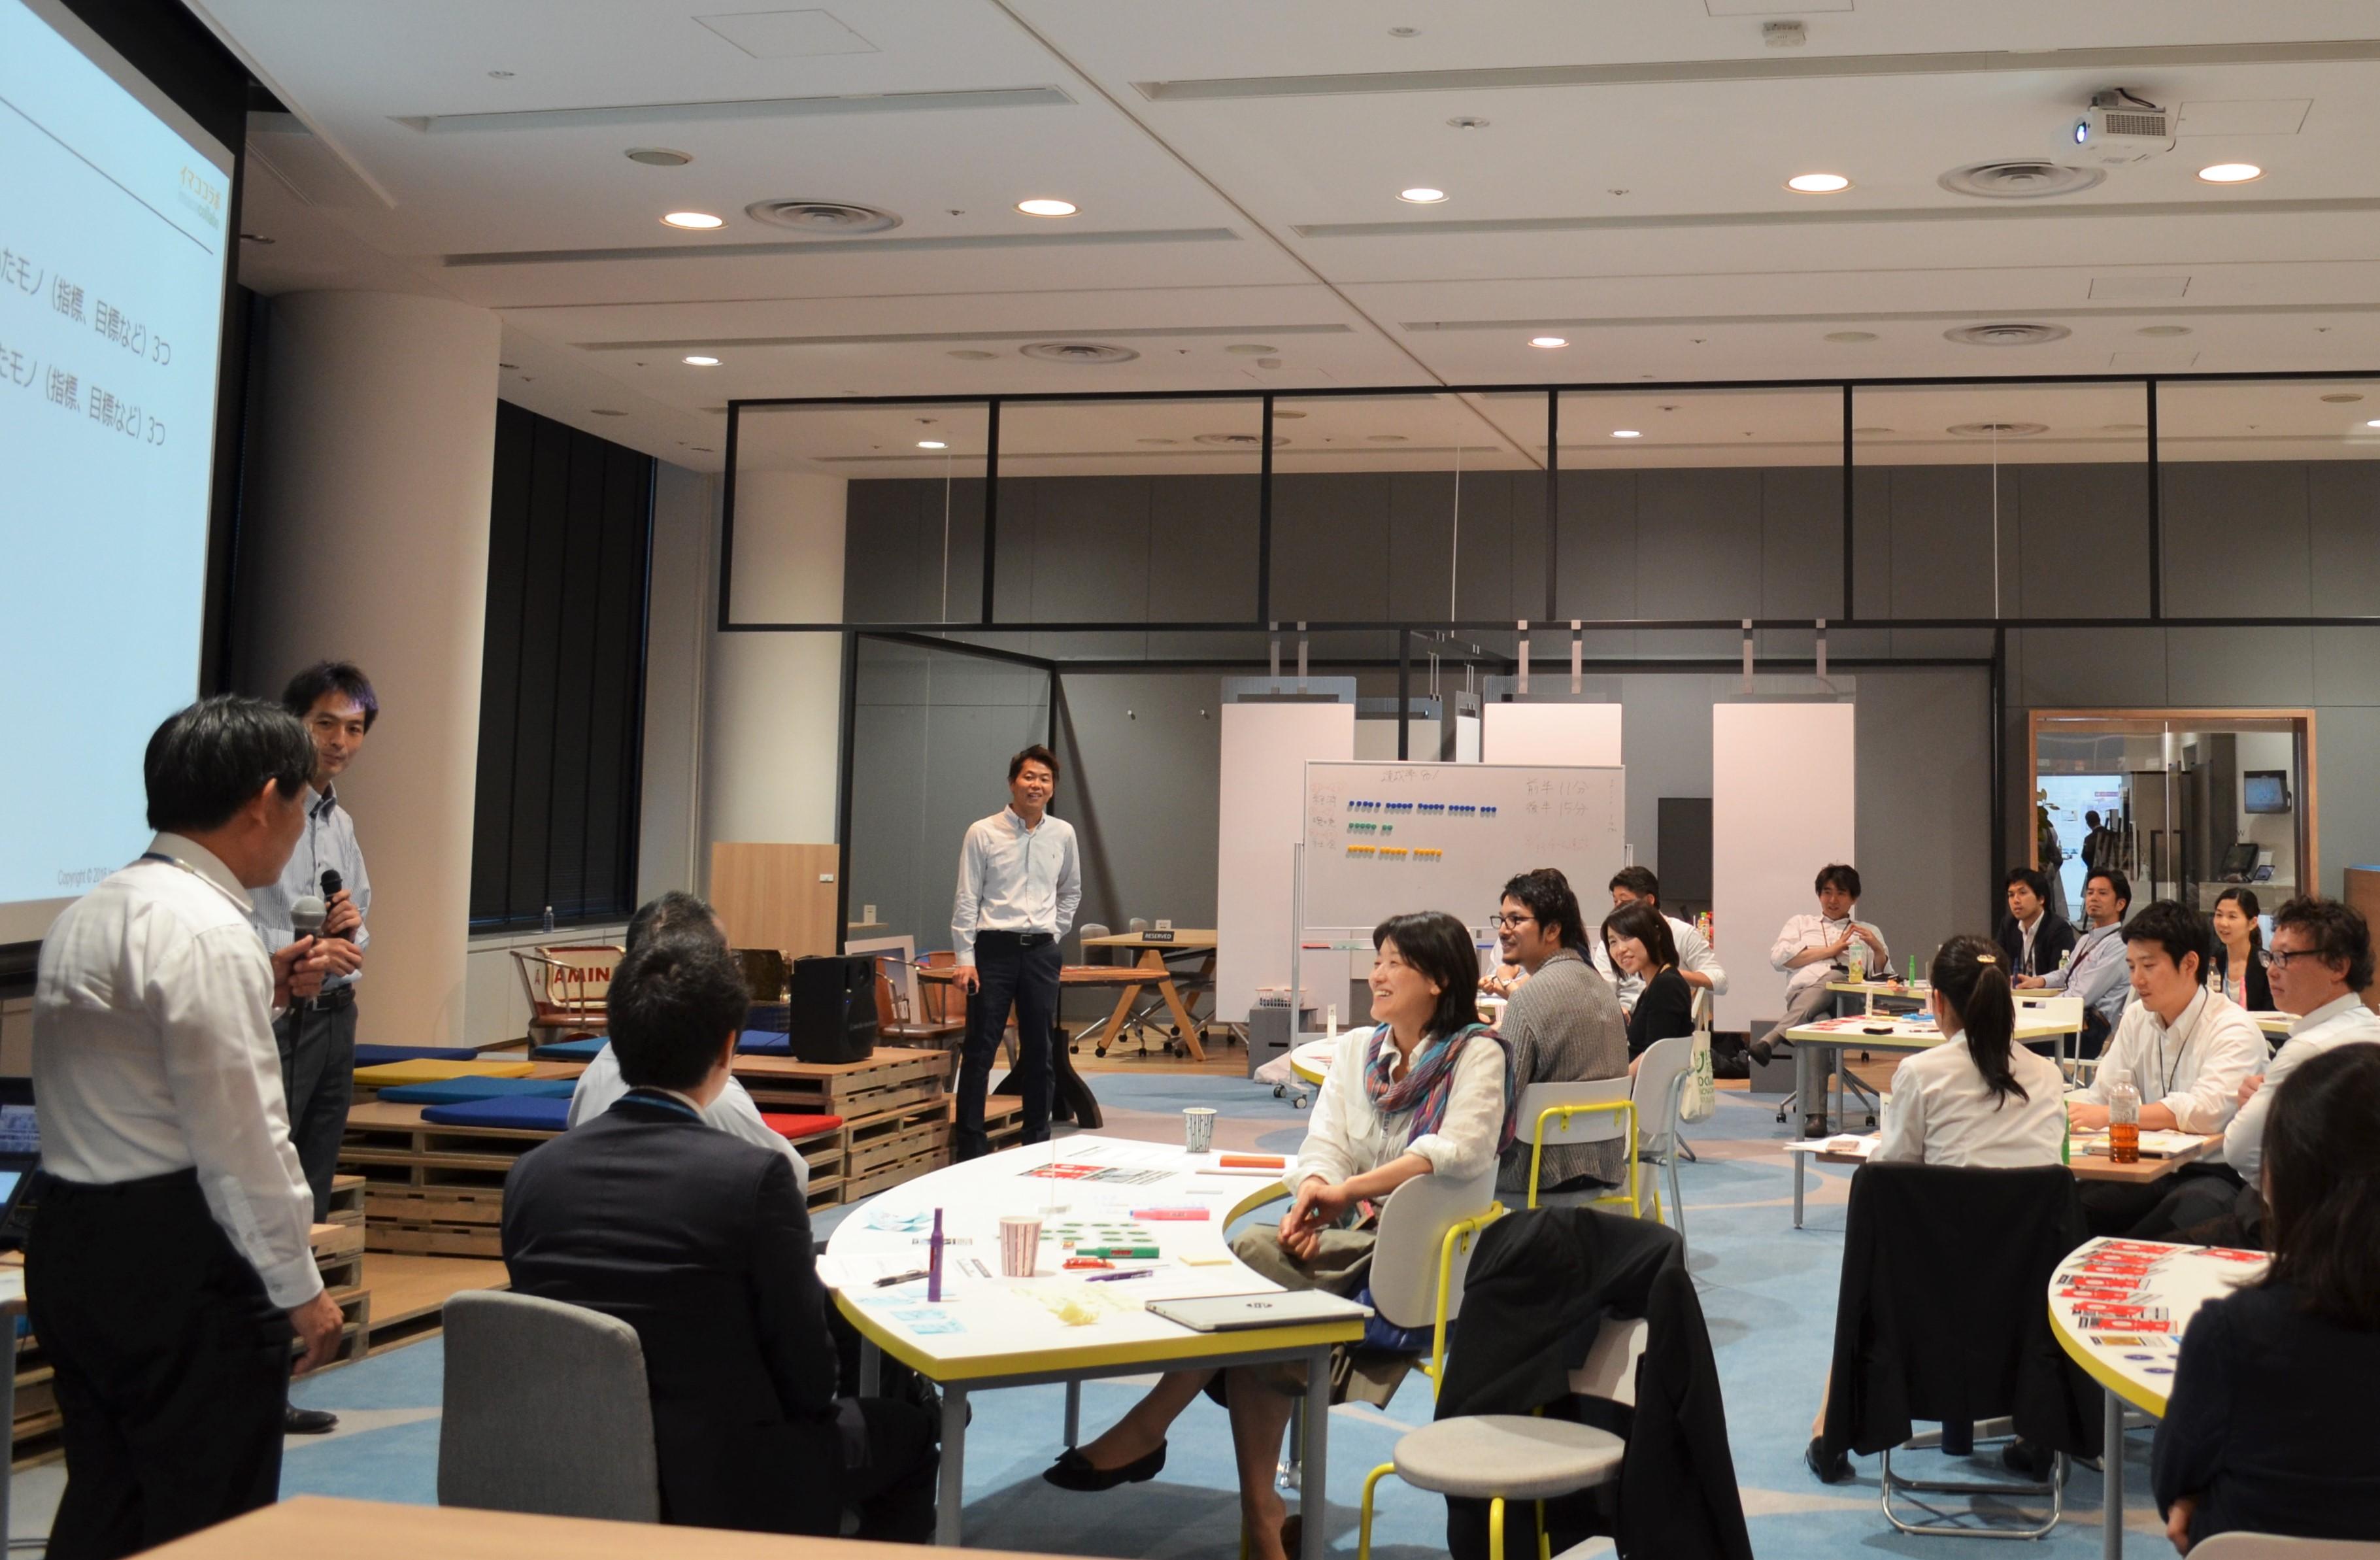 【イマココラボ主催】企業内でSDGsを推進する方、人材育成する方のためのセミナー